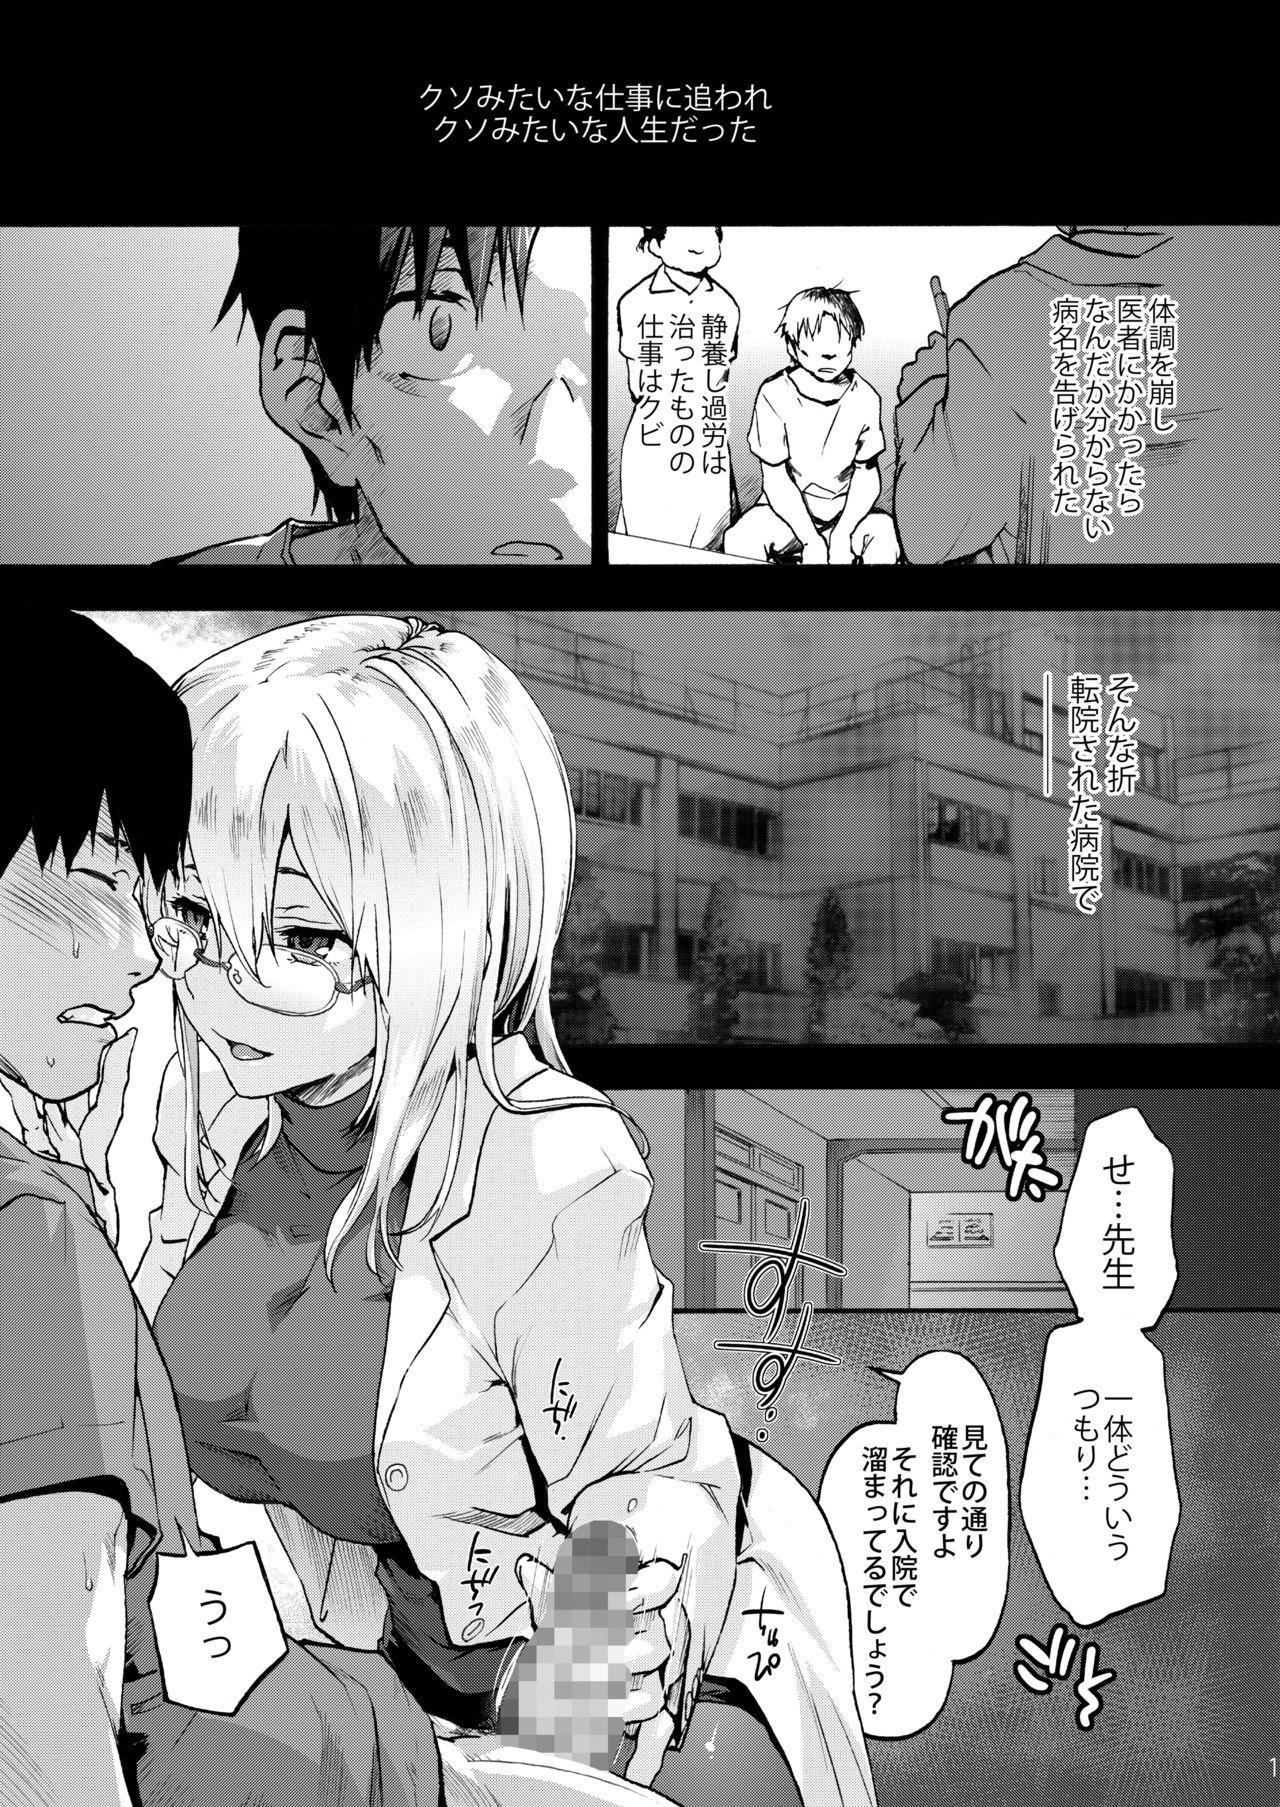 Oyasaka Byouin 2 Iyasi No Morie-san 1